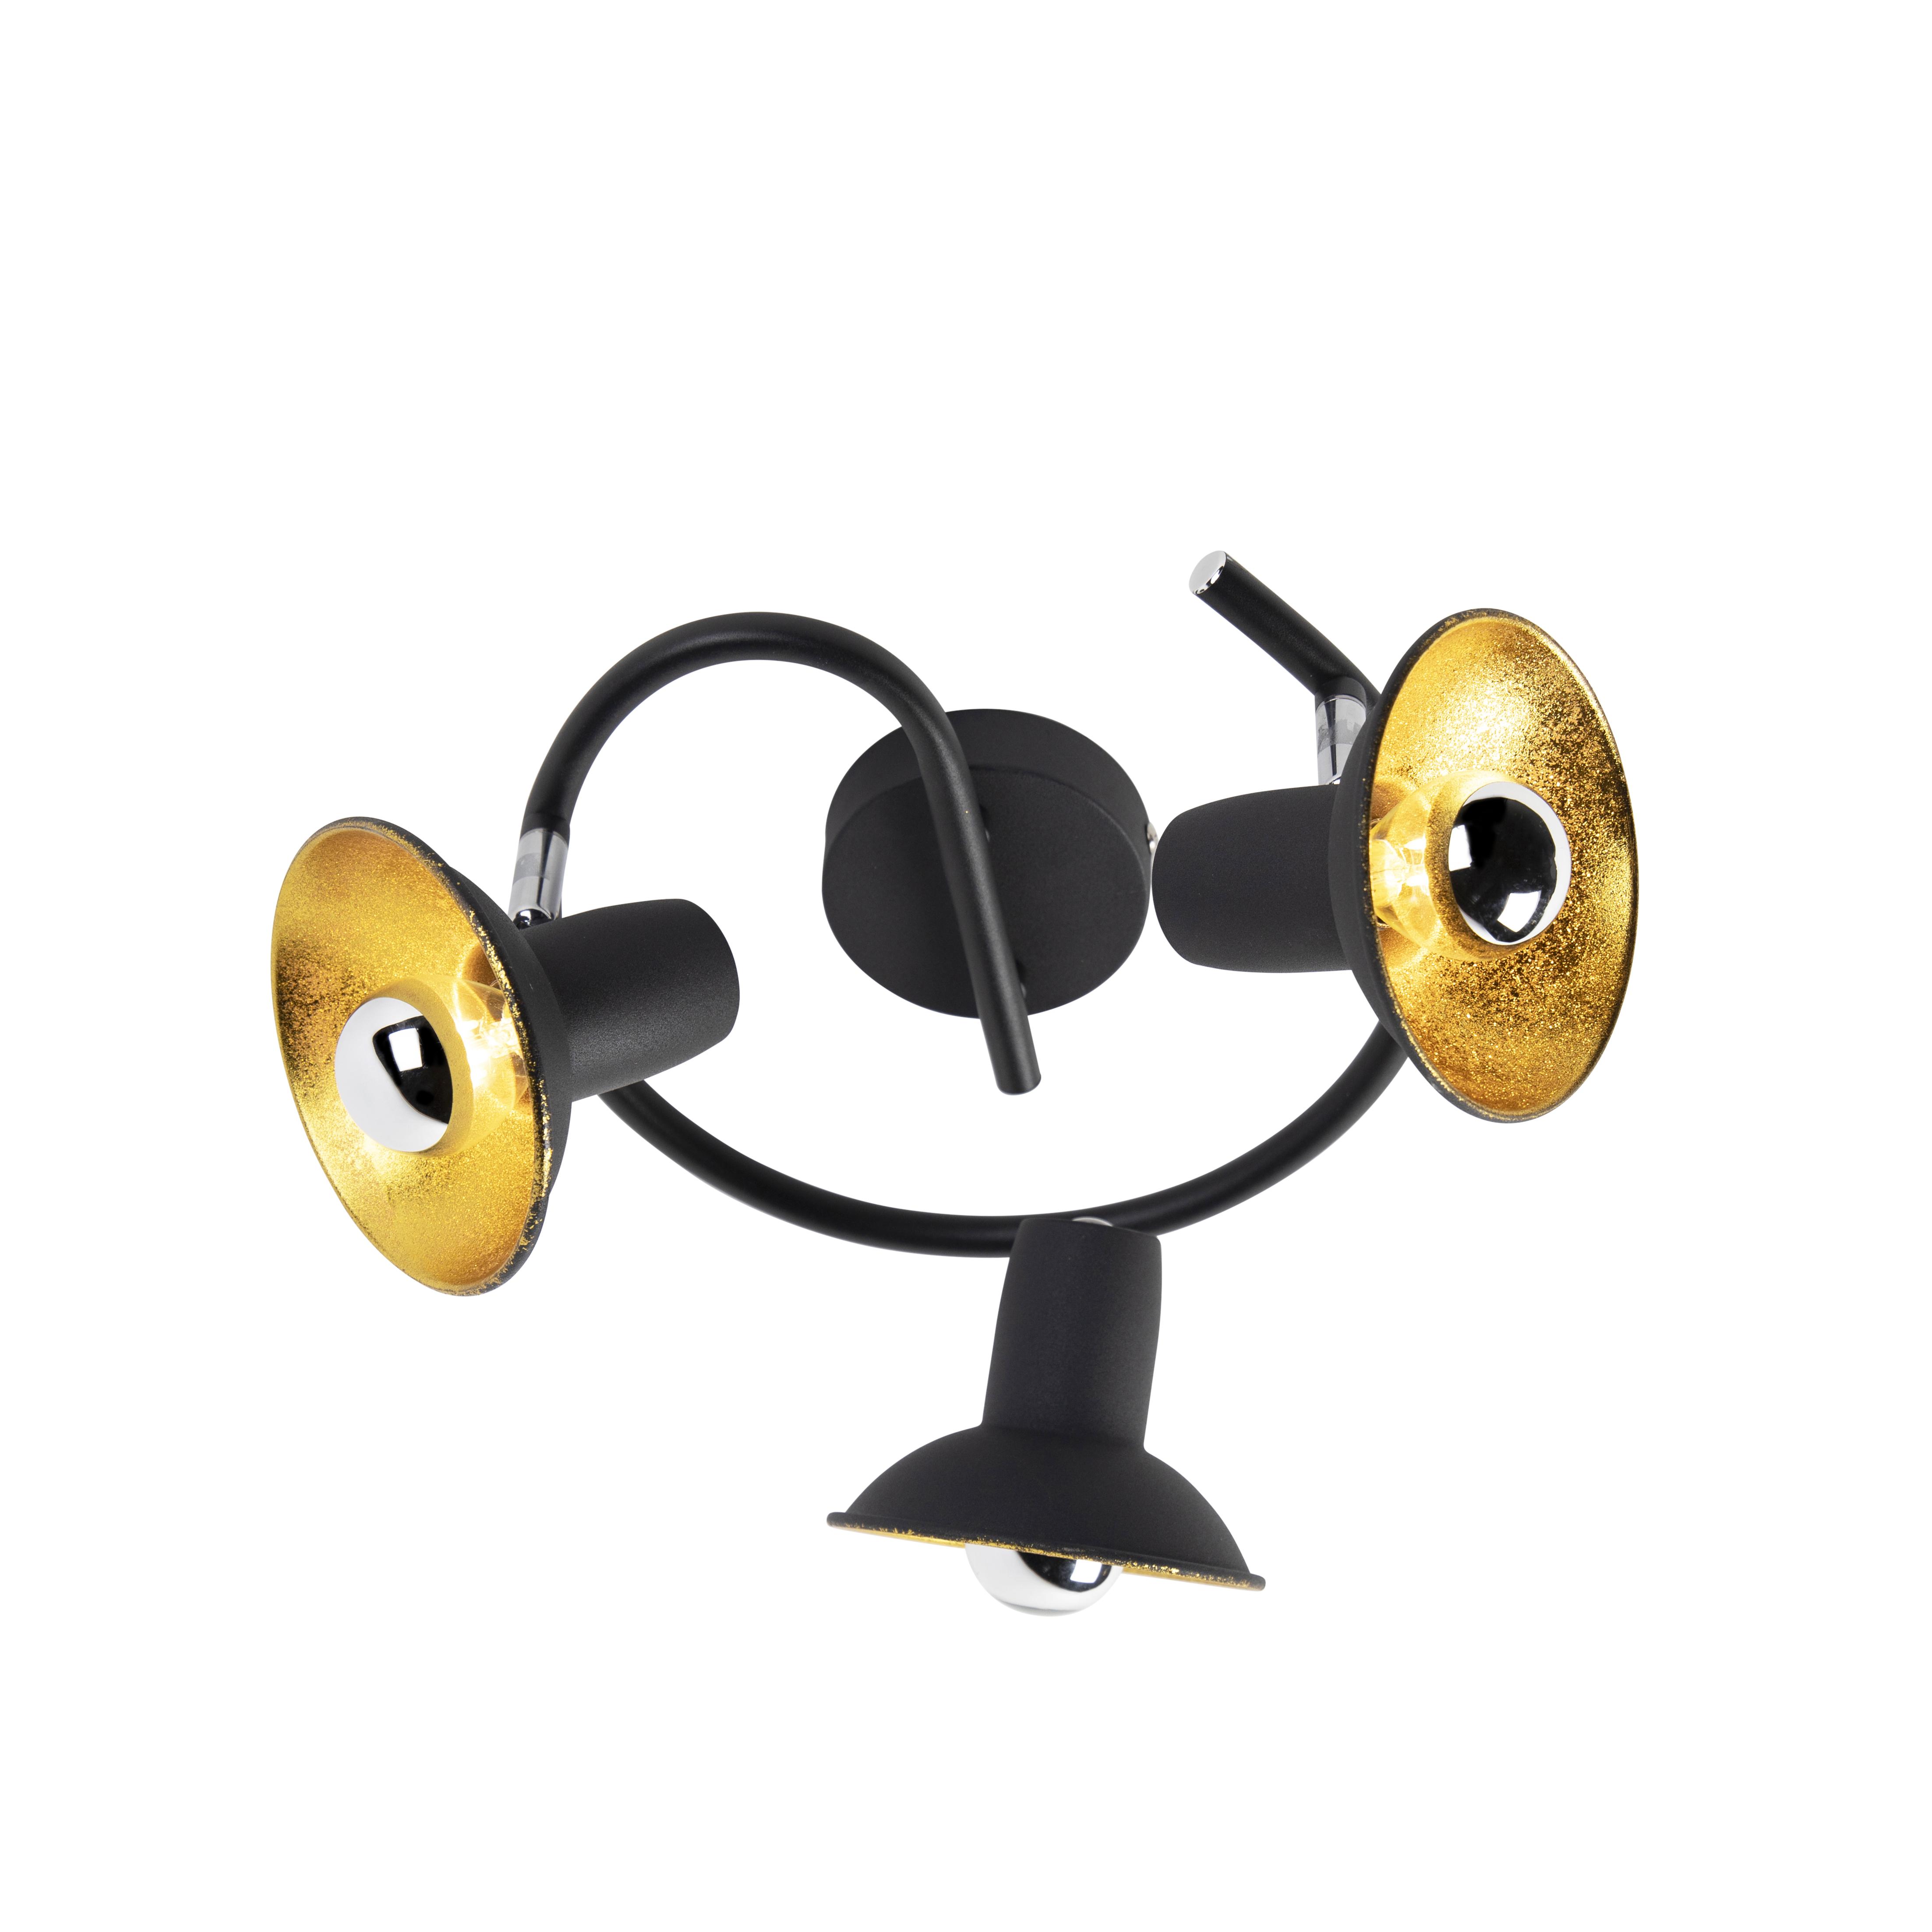 Industriele ronde spot zwart met goud met 3 lichtpunten - Avril